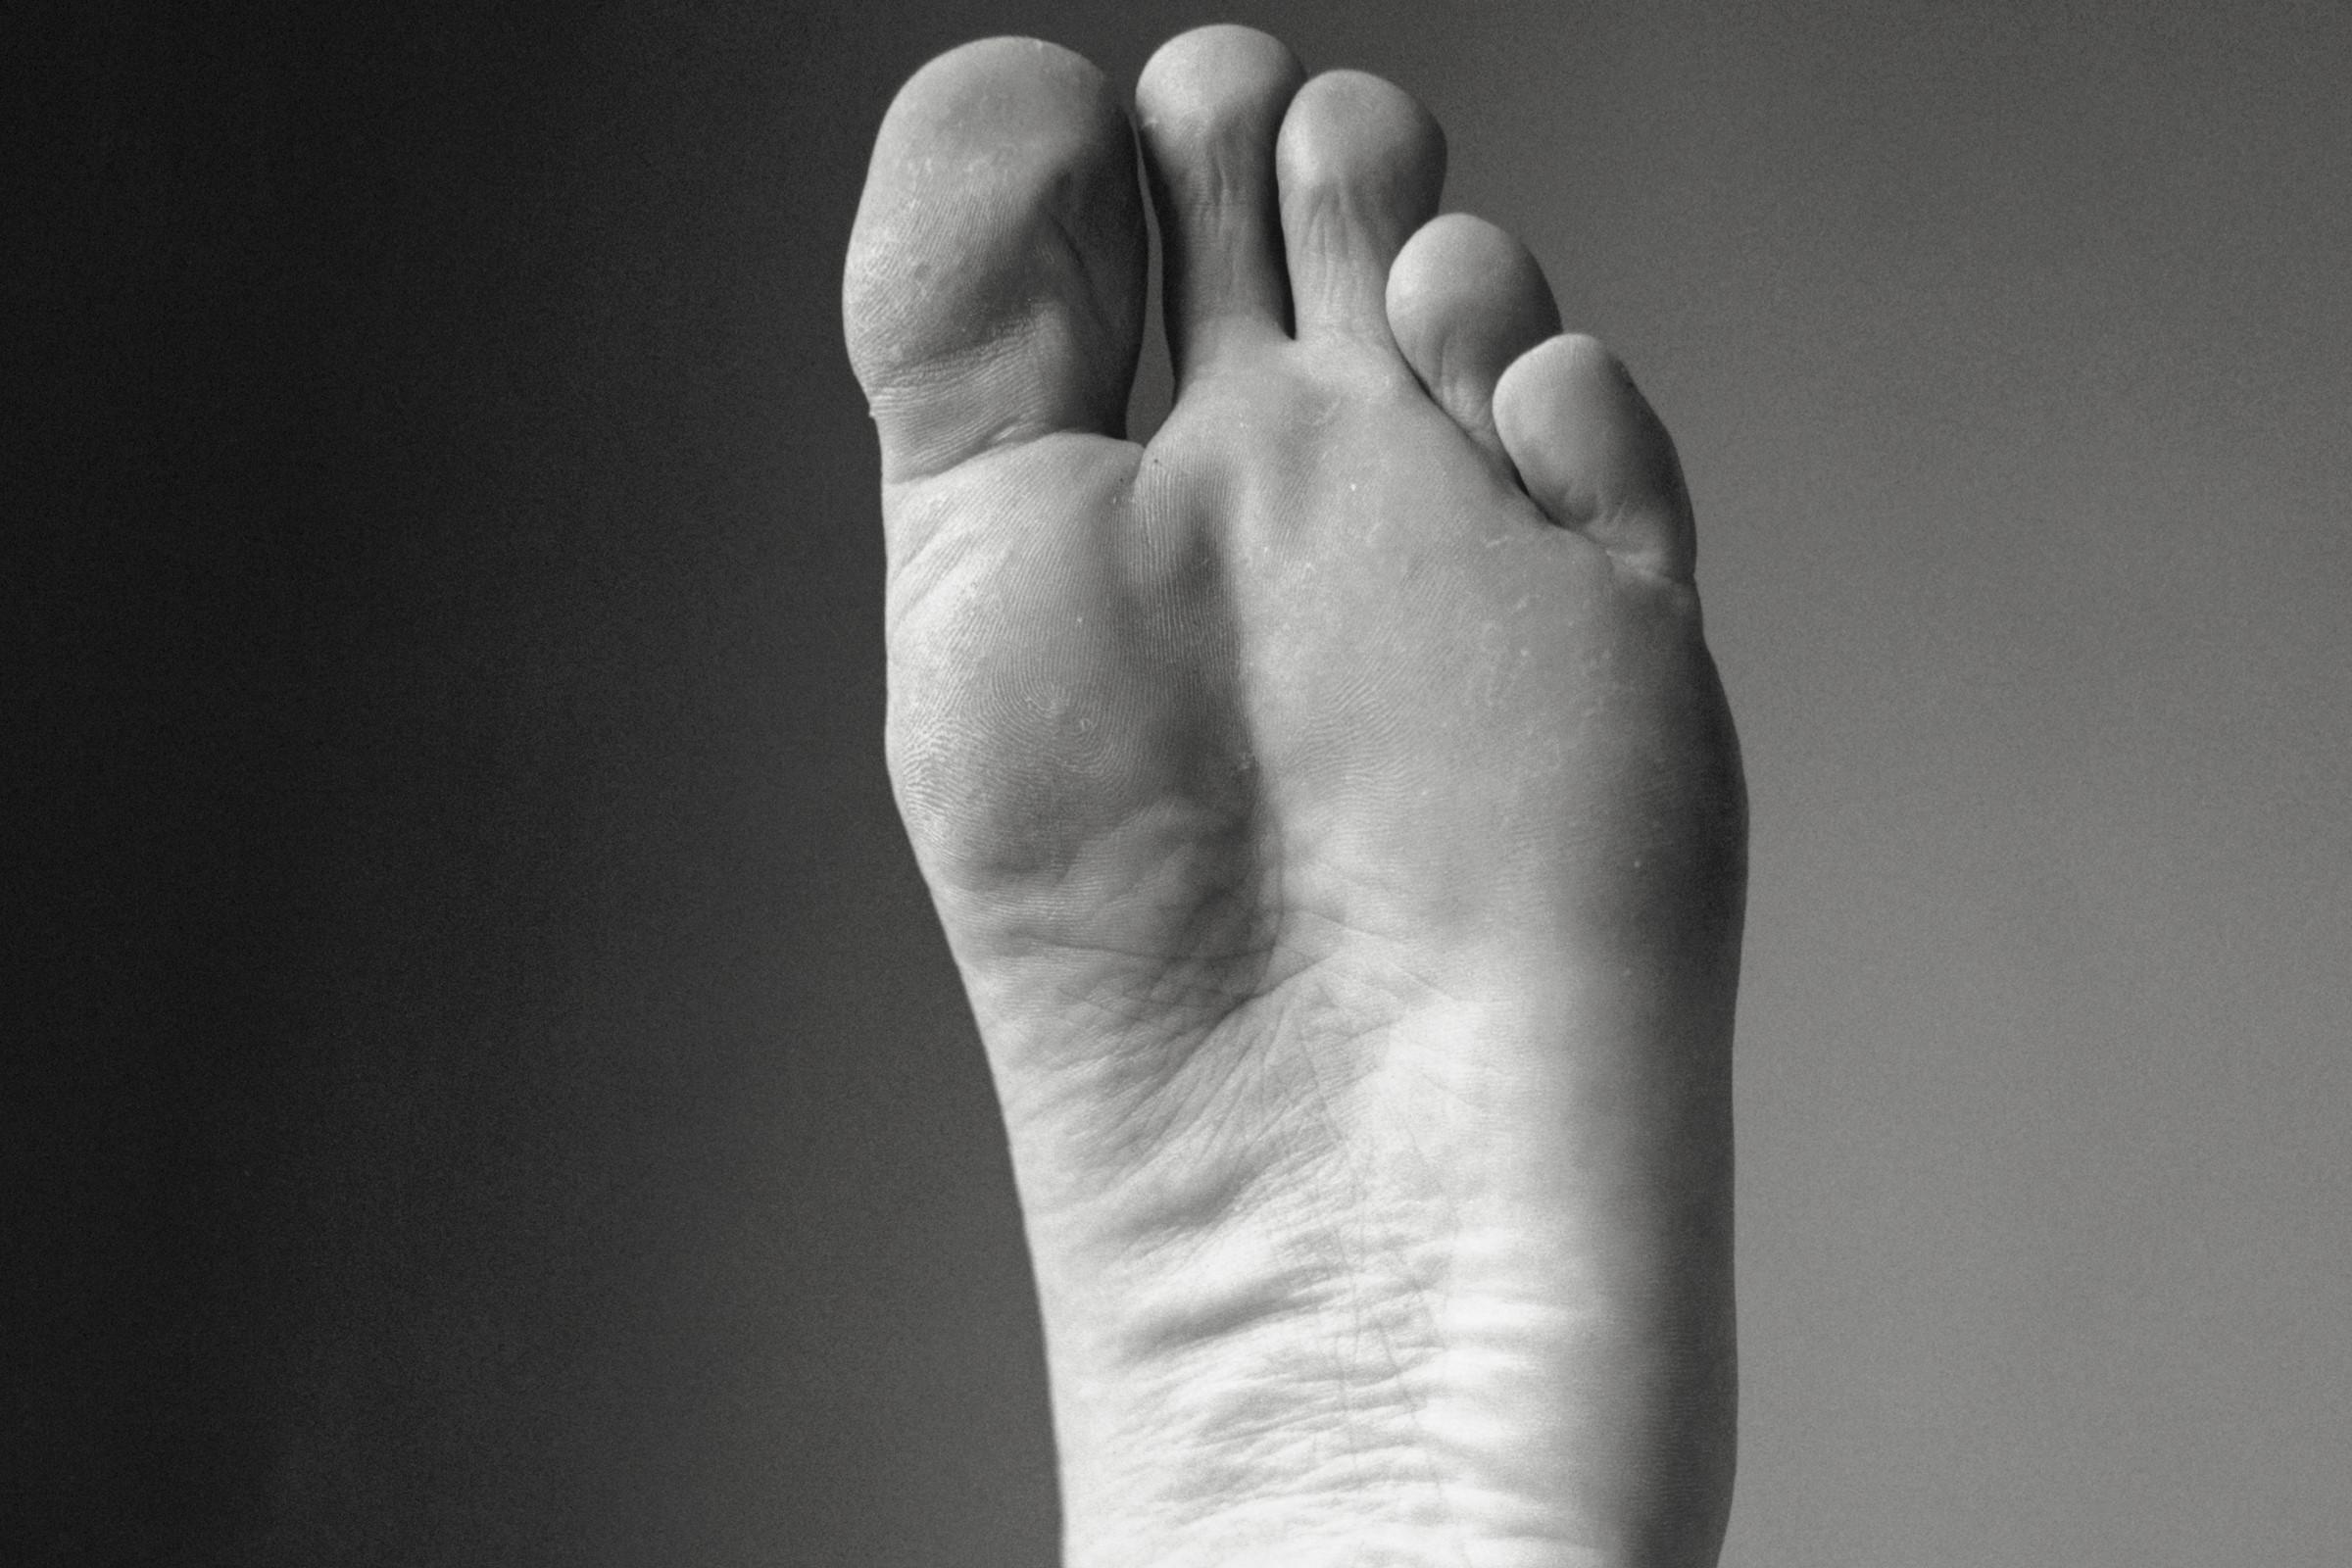 Bilde av en fotsåle med podagra i stortåa.